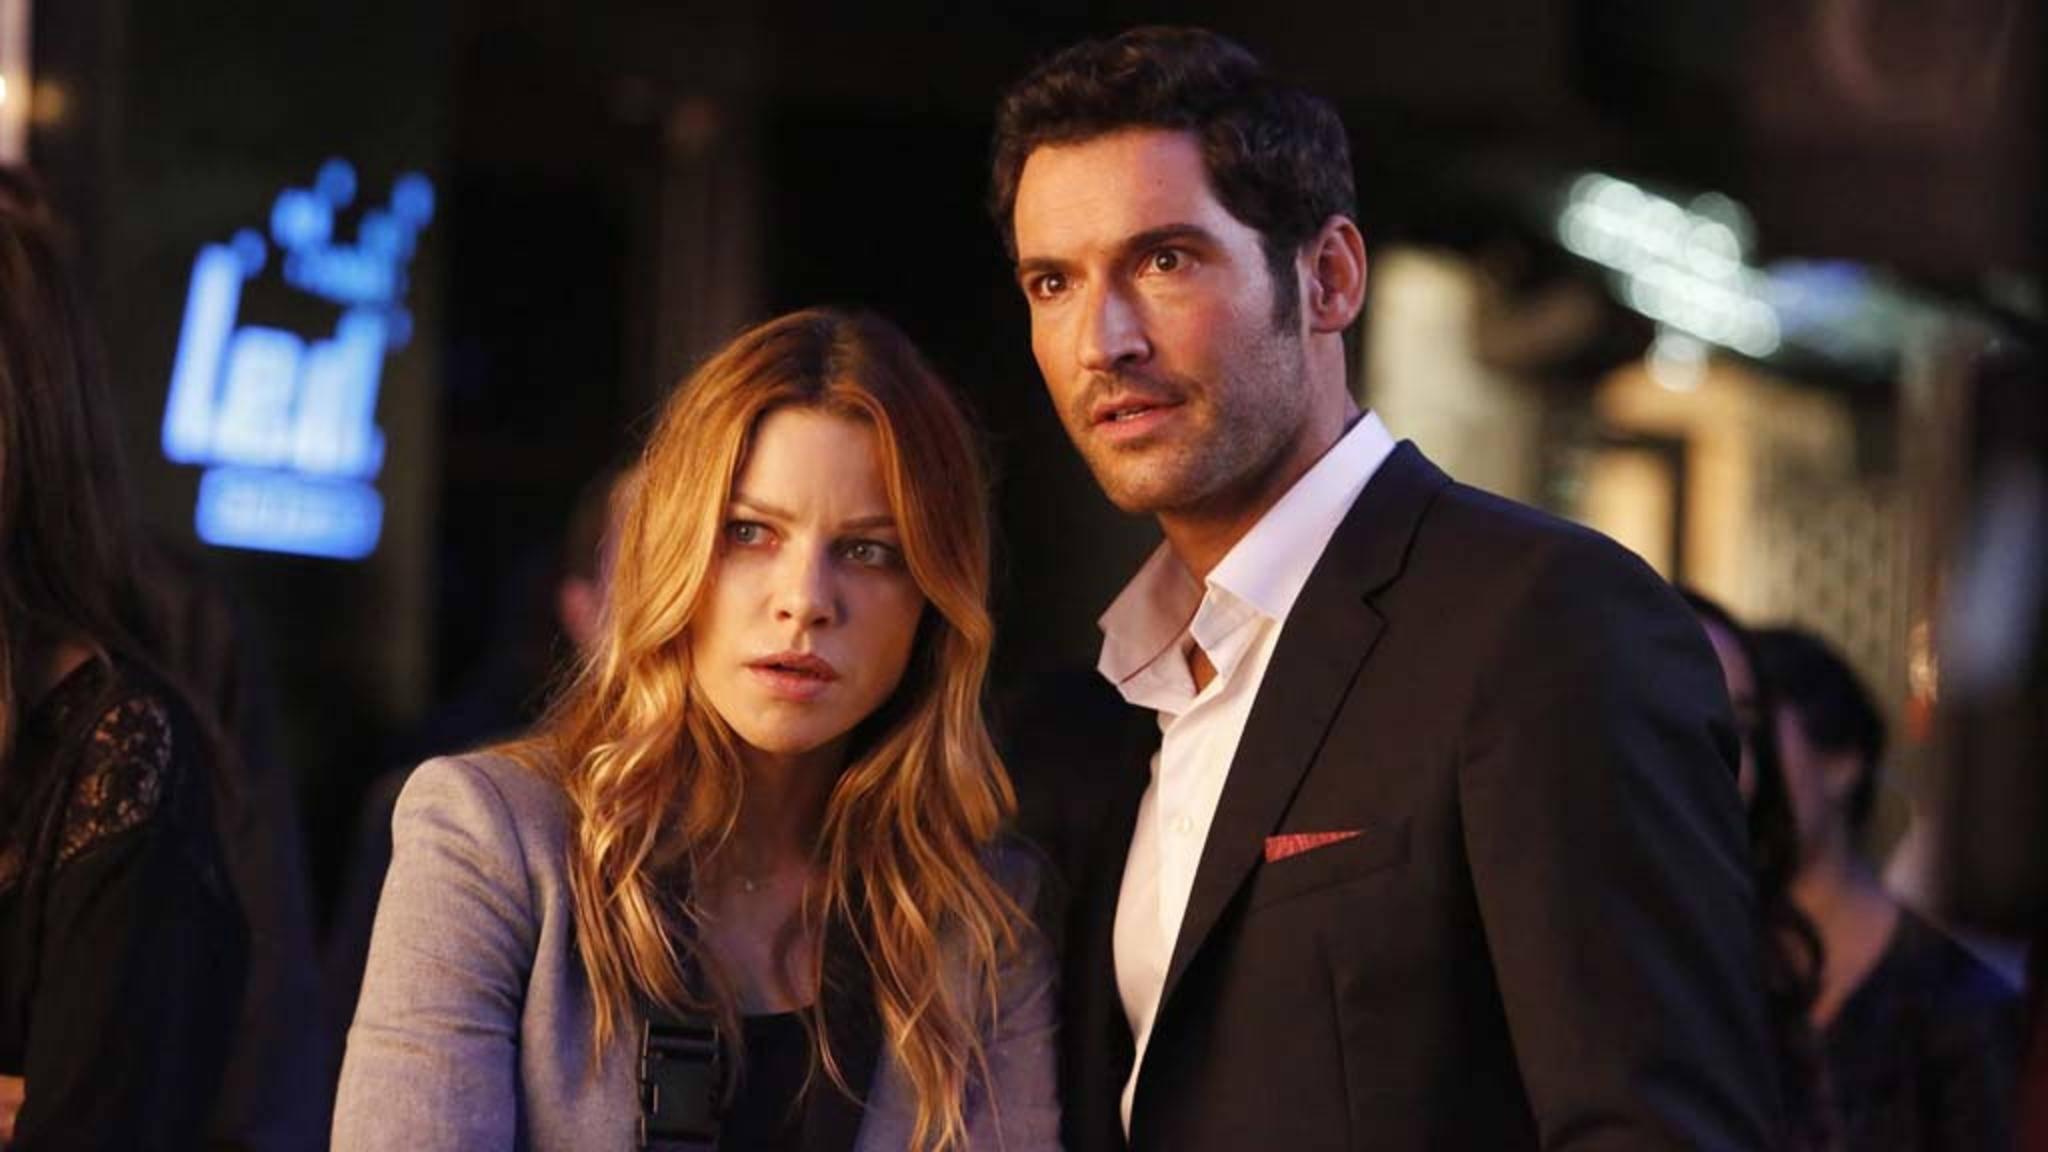 Chloe und Lucifer bekommen erst einmal nur 10 neue Folgen, um den Cliffhanger aus Staffel 3 aufzulösen.